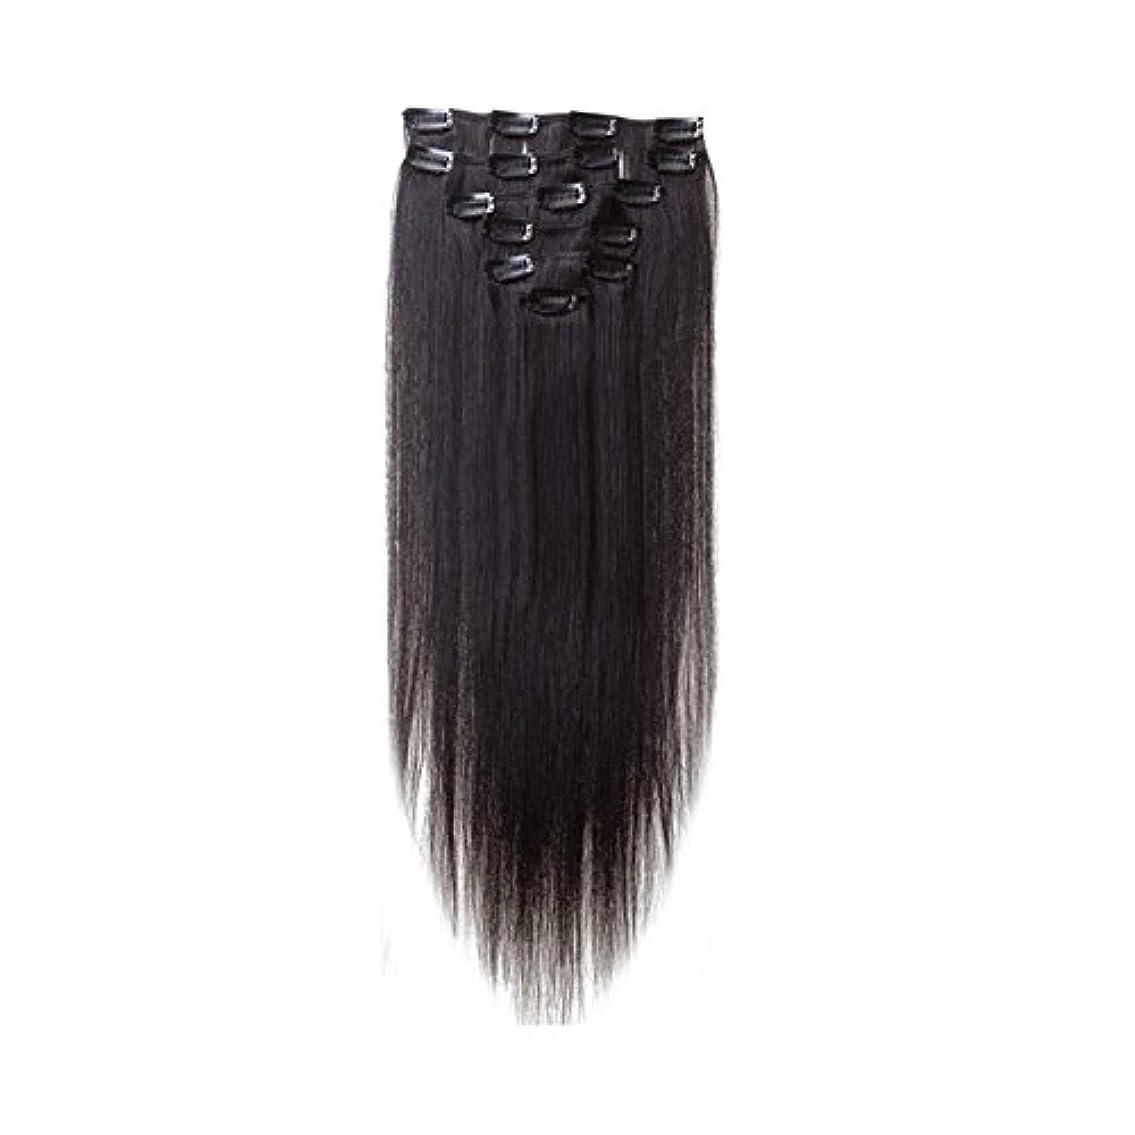 宿題ヘッドレス呪いCUHAWUDBA 女性の人間の髪 クリップインヘアエクステンション 7件 70g 15インチ ナチュラルブラック